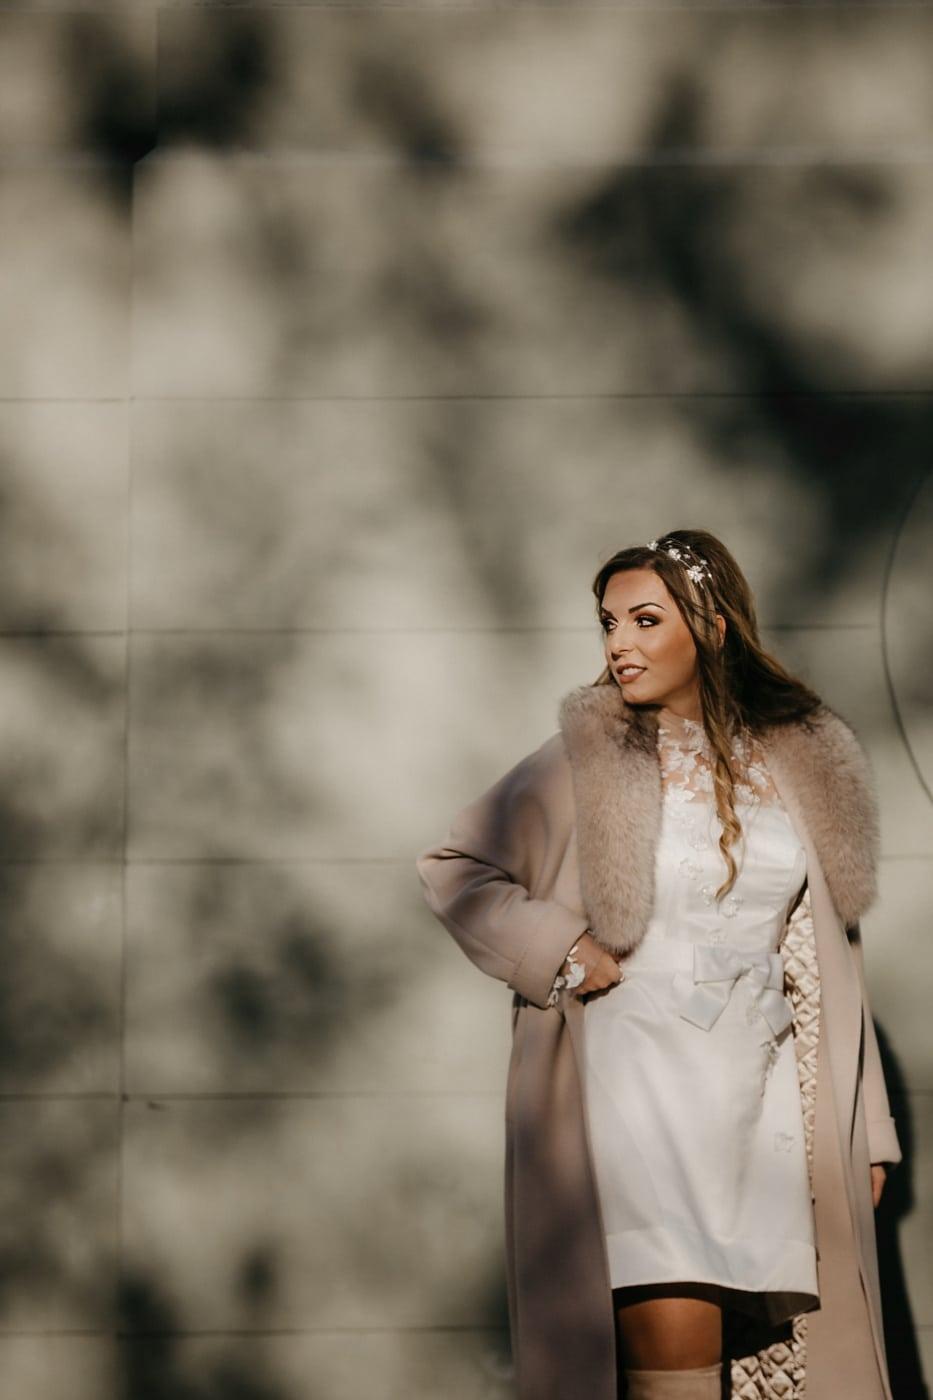 pastel, jeune femme, manteau, brun clair, joli, mode, attrayant, cheveux, modèle, Portrait